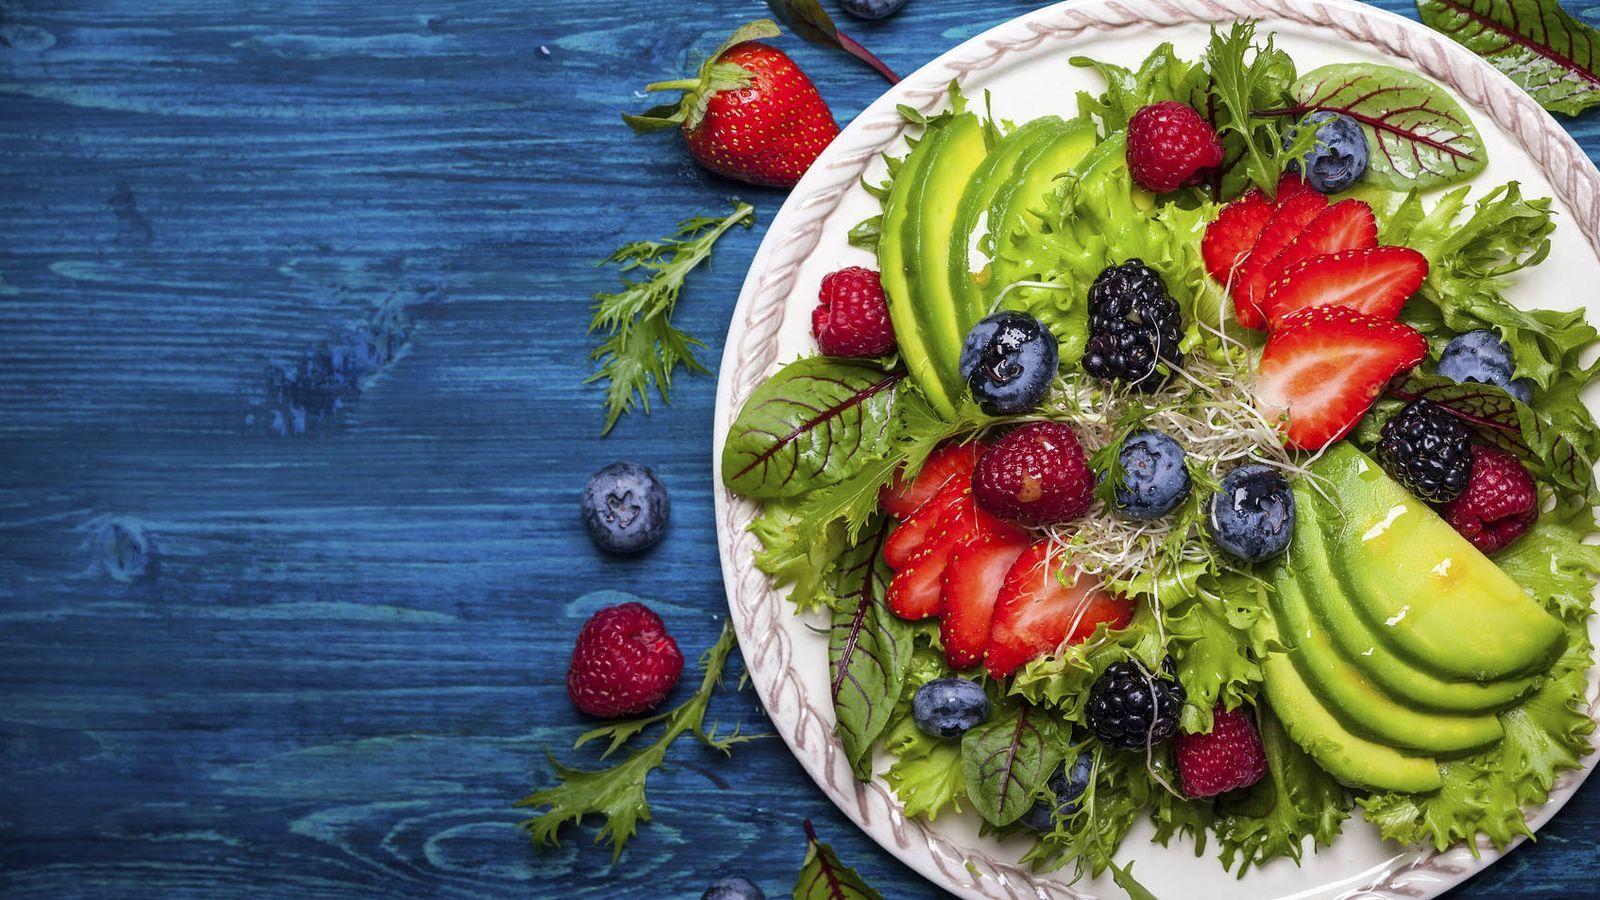 plan de dieta y ejercicio para bajar 10 kilos